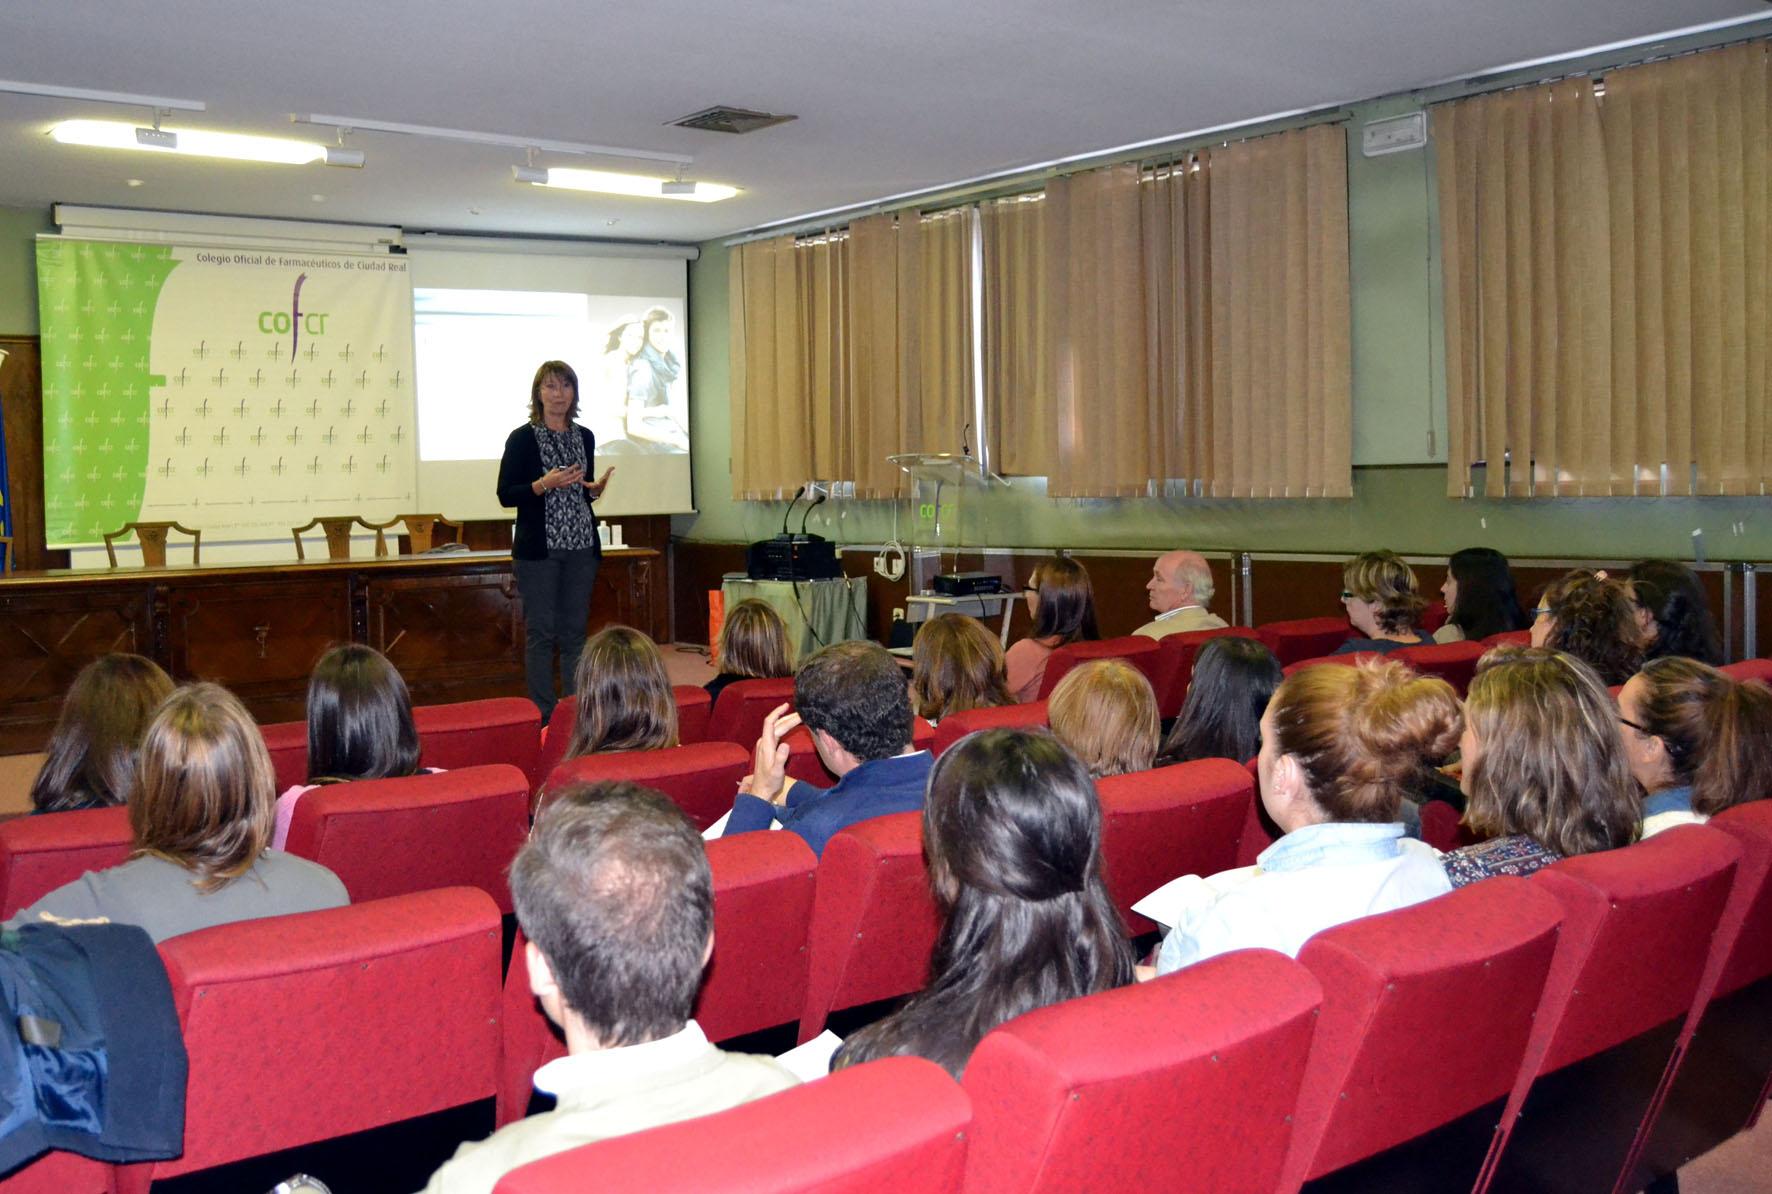 El Colegio de Farmacéuticos de Ciudad Real ofreció una charla sobre las novedades en el tratamiento del acné